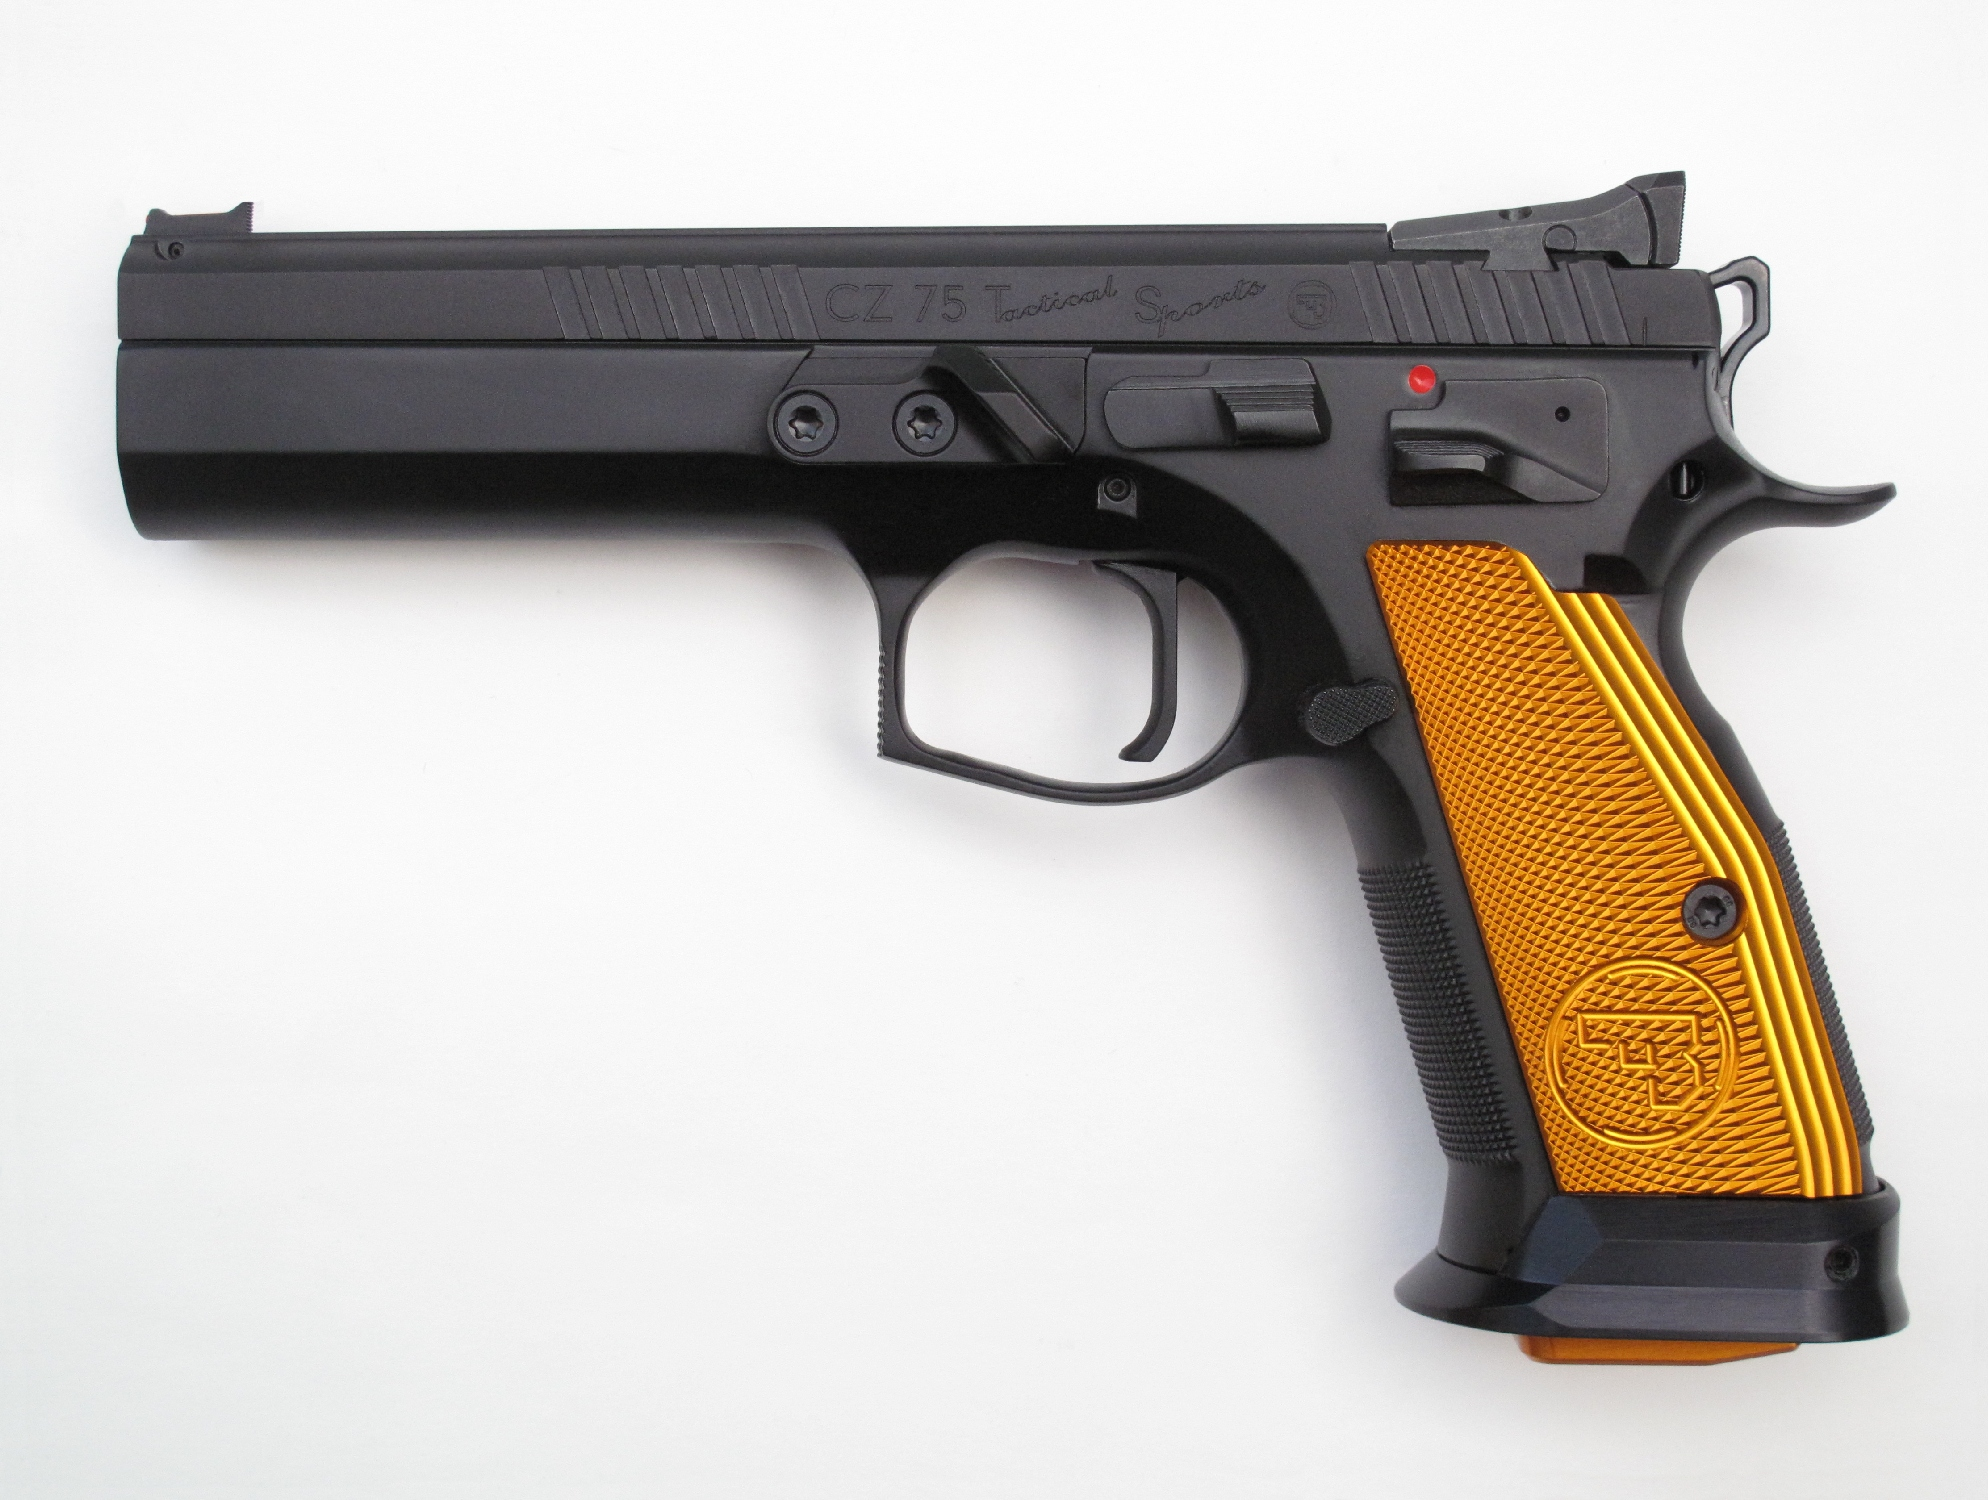 Pistolet semi-automatique CZ 75 « Tactical Sports » en calibre 9 mm Parabellum.